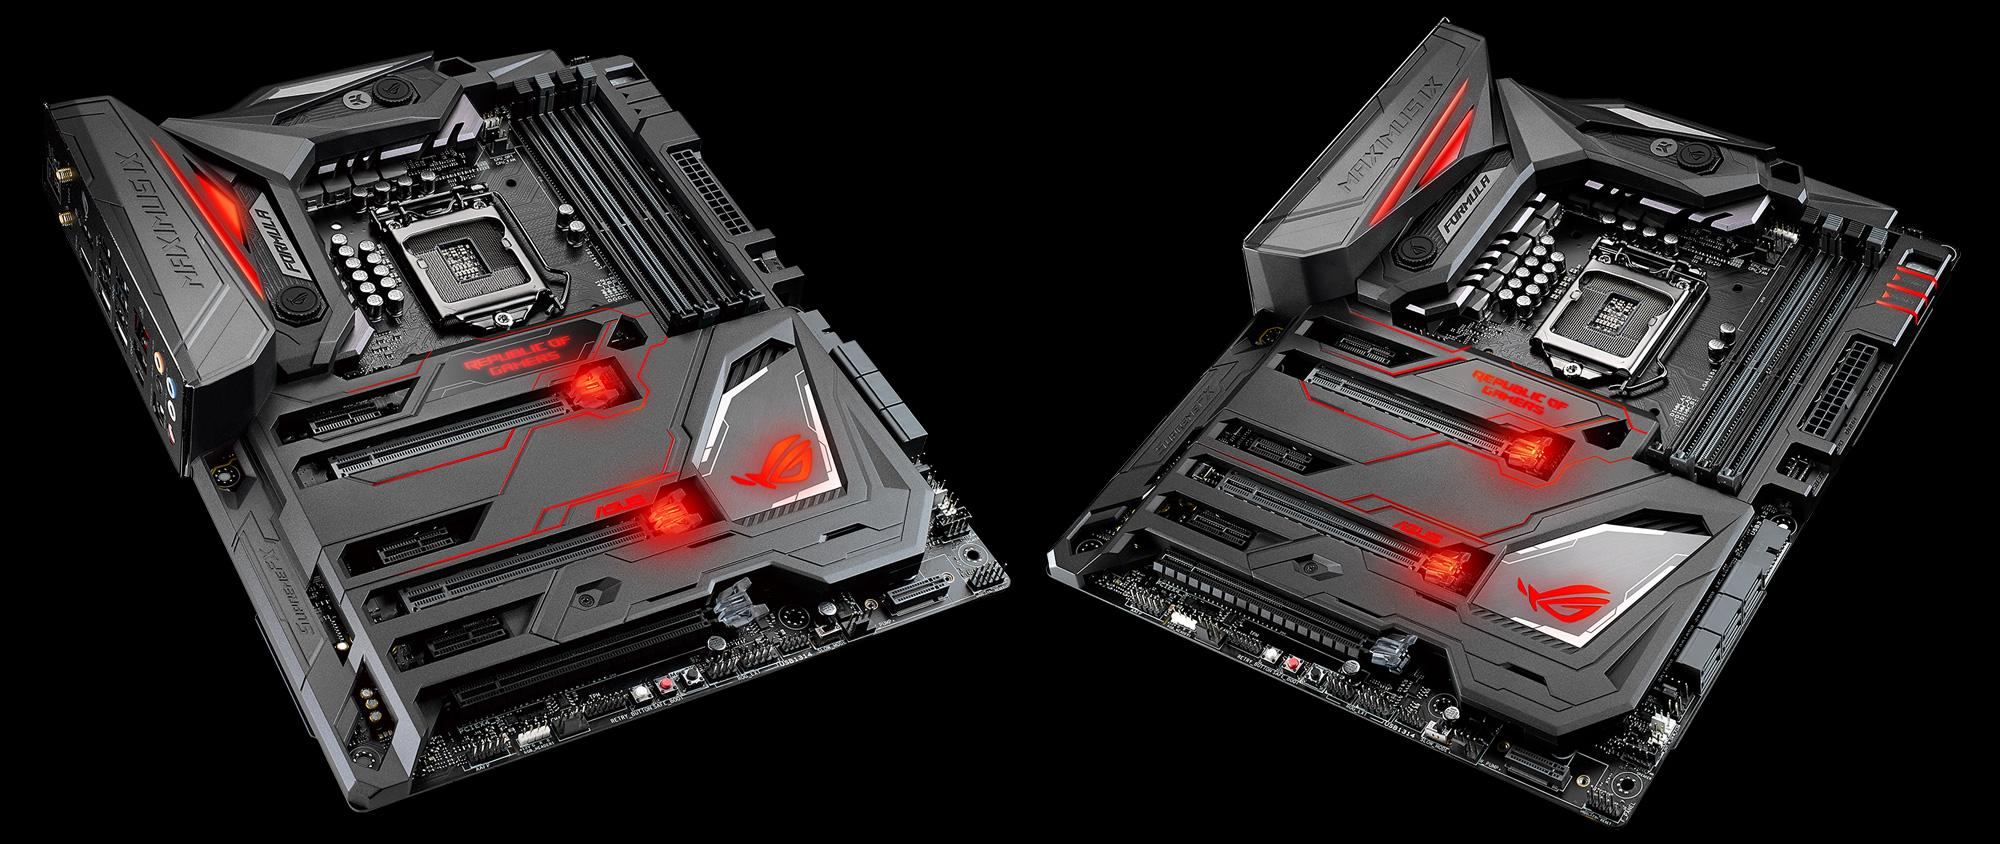 ROG Maximus IX Formula Estas son las nuevas motherboards Z270 de ASUS